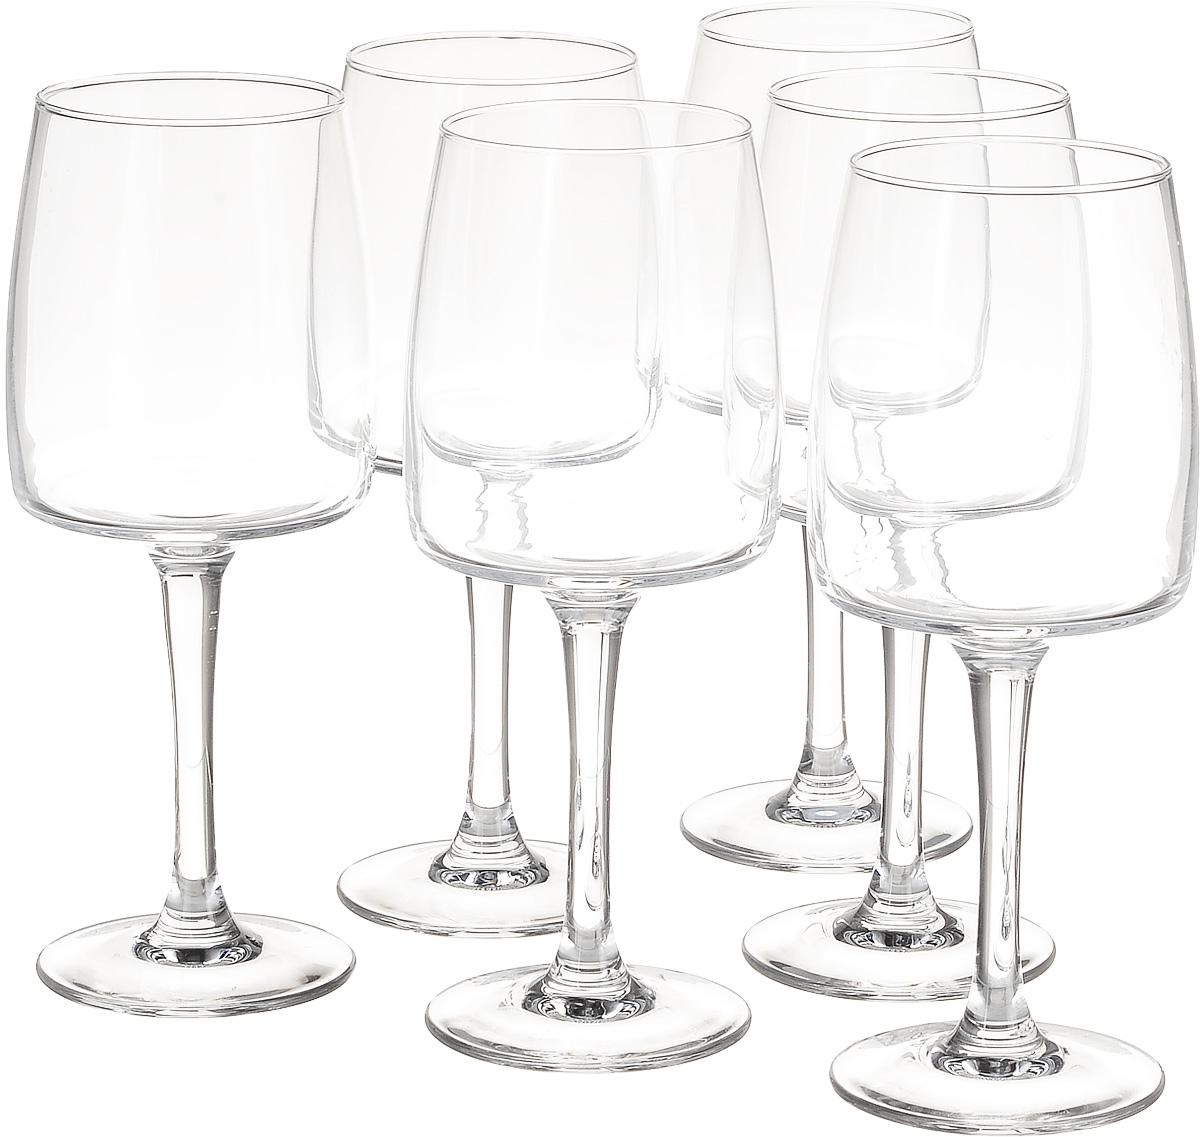 Набор бокалов для вина Luminarc Equip Home, 350 мл, 6 штJ1106Набор Luminarc Equip Home, выполненный из высококачественного стекла, состоит из 4 бокалов. Бокалы предназначены для подачи вина. Допускается мытье в посудомоечной машине. Стекло выдерживает резкий перепад температур до 135°С. Диаметр бокала (по верхнему краю): 6,3 см. Высота бокала: 20 см.